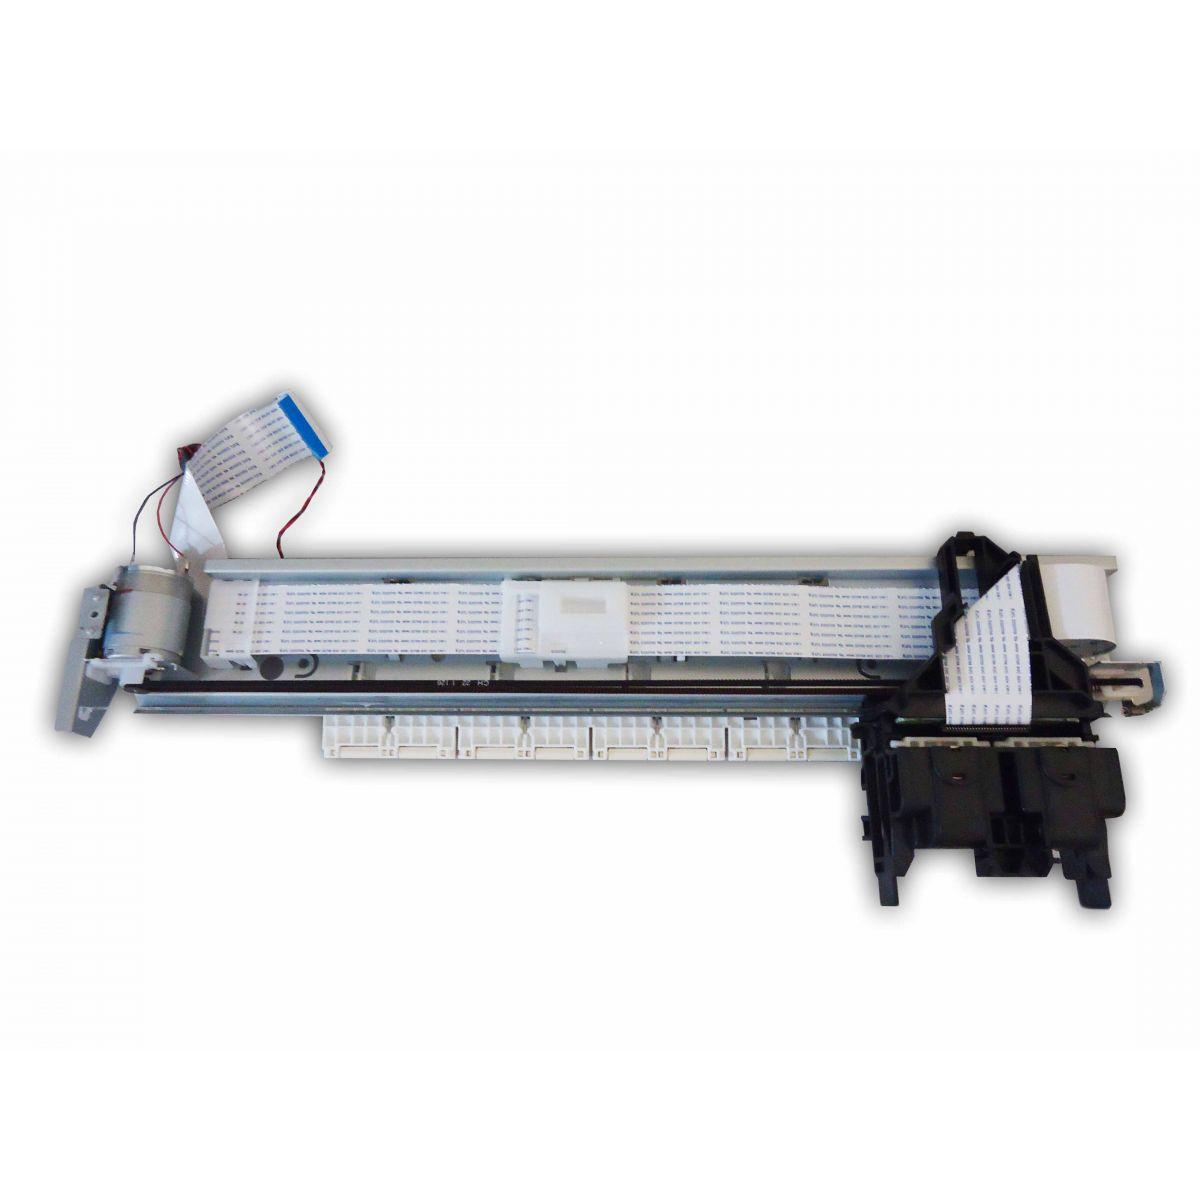 Carro de Impressão Impressora Canon PIXMA MG2410